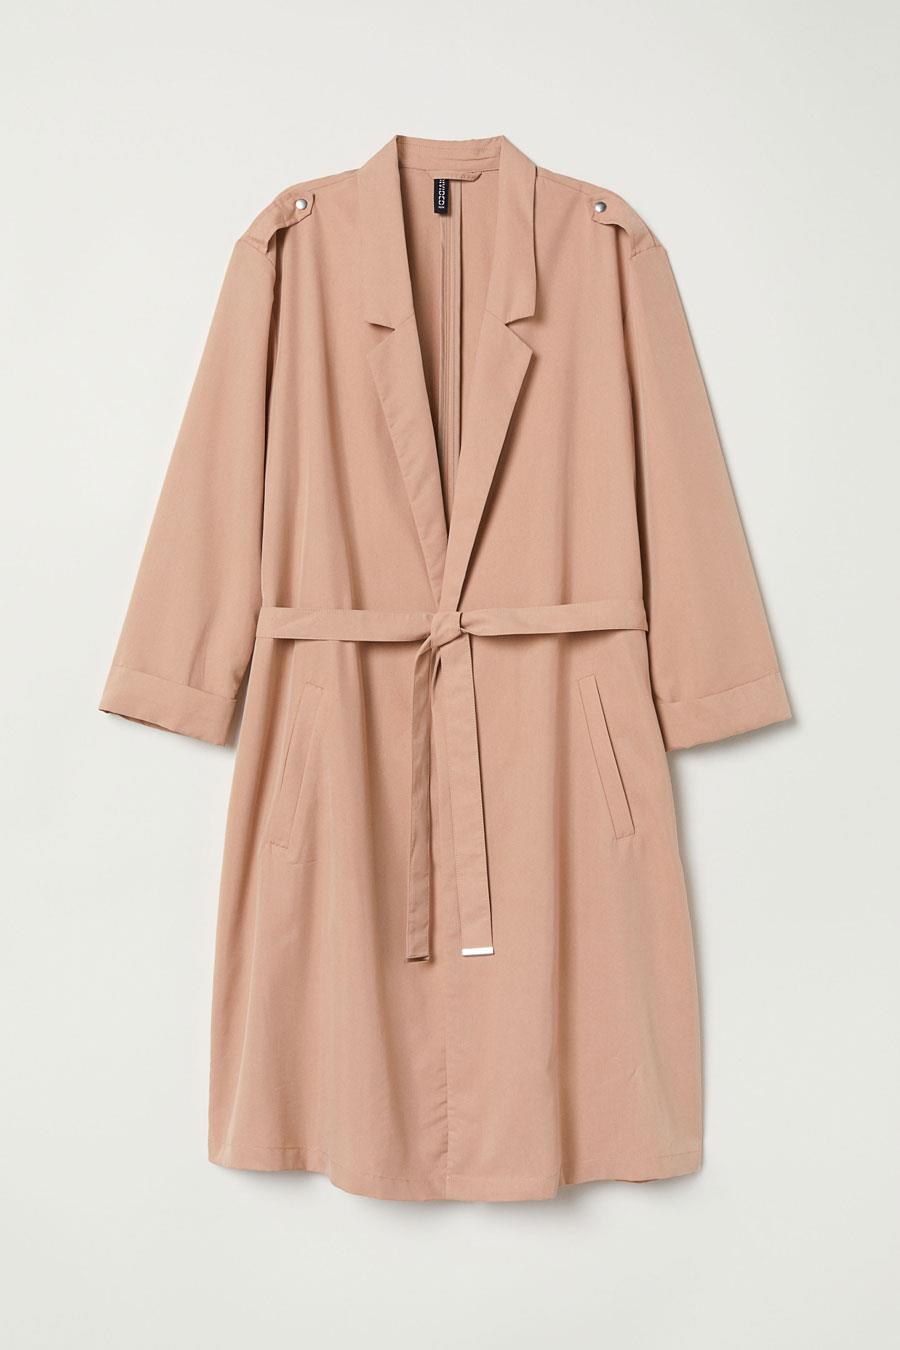 9688ddc12a977 abrigo-rosa-primavera-2019-tono-beige. Abrigo beige con un